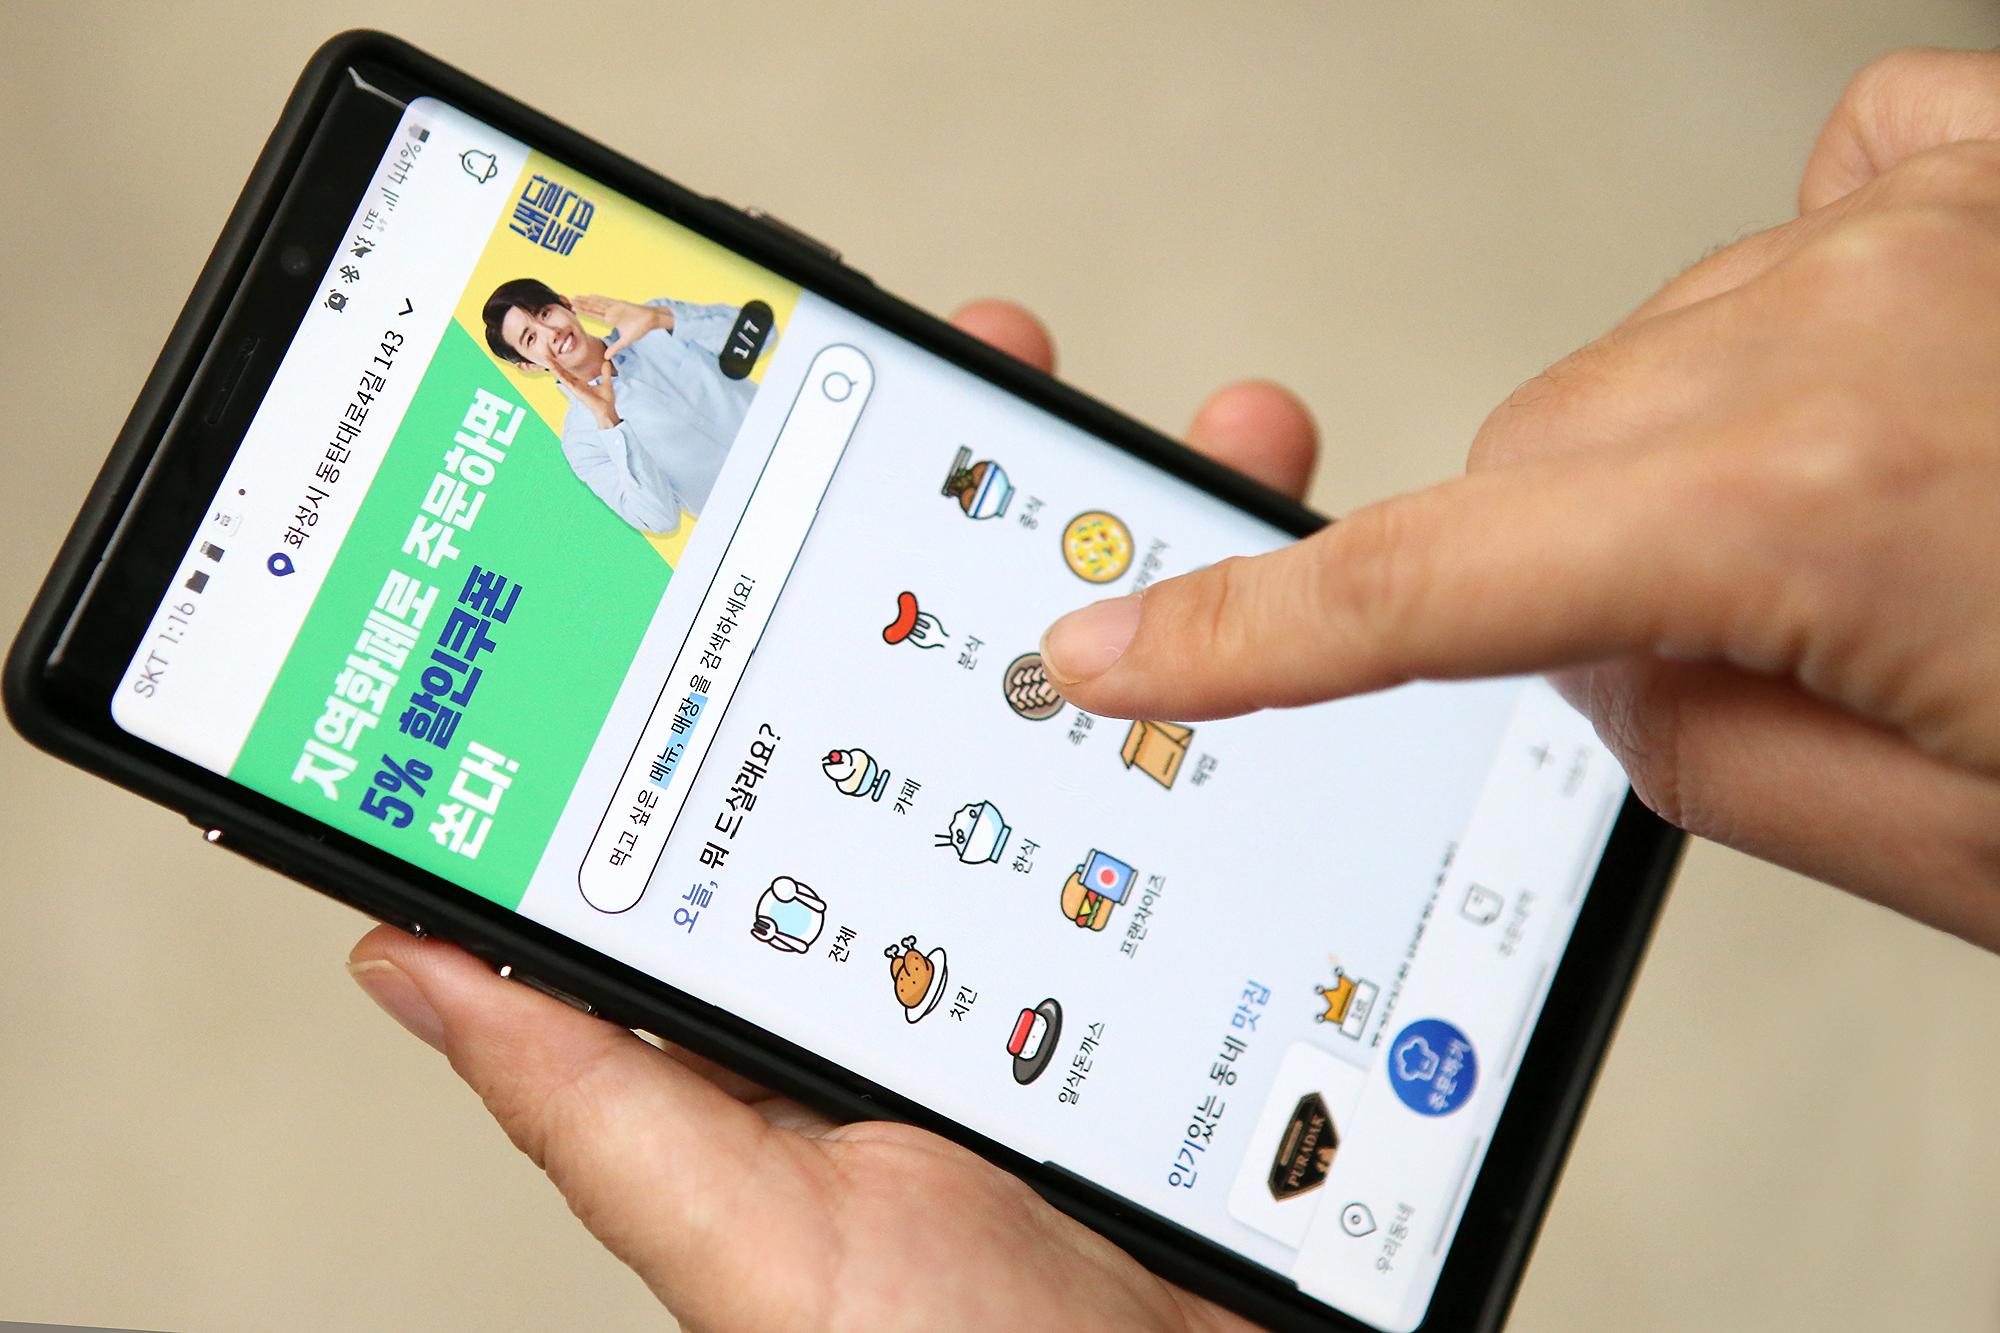 배달특급 앱은 기존 타 배달앱과 같은 결제 방식과 경기지역화폐 사용 가능, 유용한 동네 소식 등을 한눈에 볼 수 있다는 것이 장점이다.